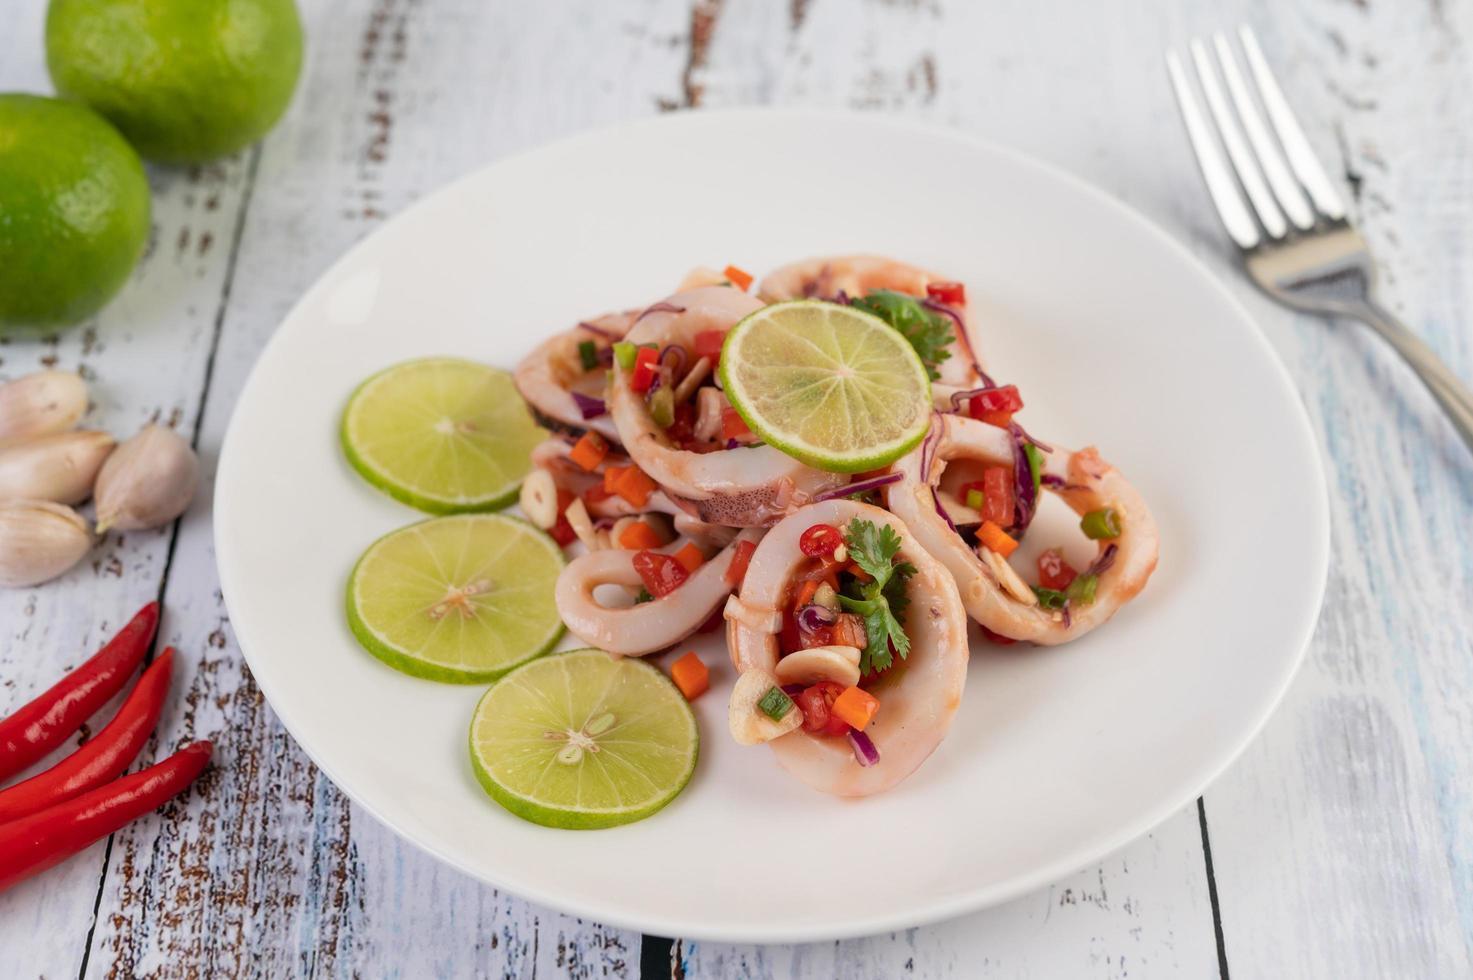 würziges Zitronen-Tintenfisch-Gericht foto